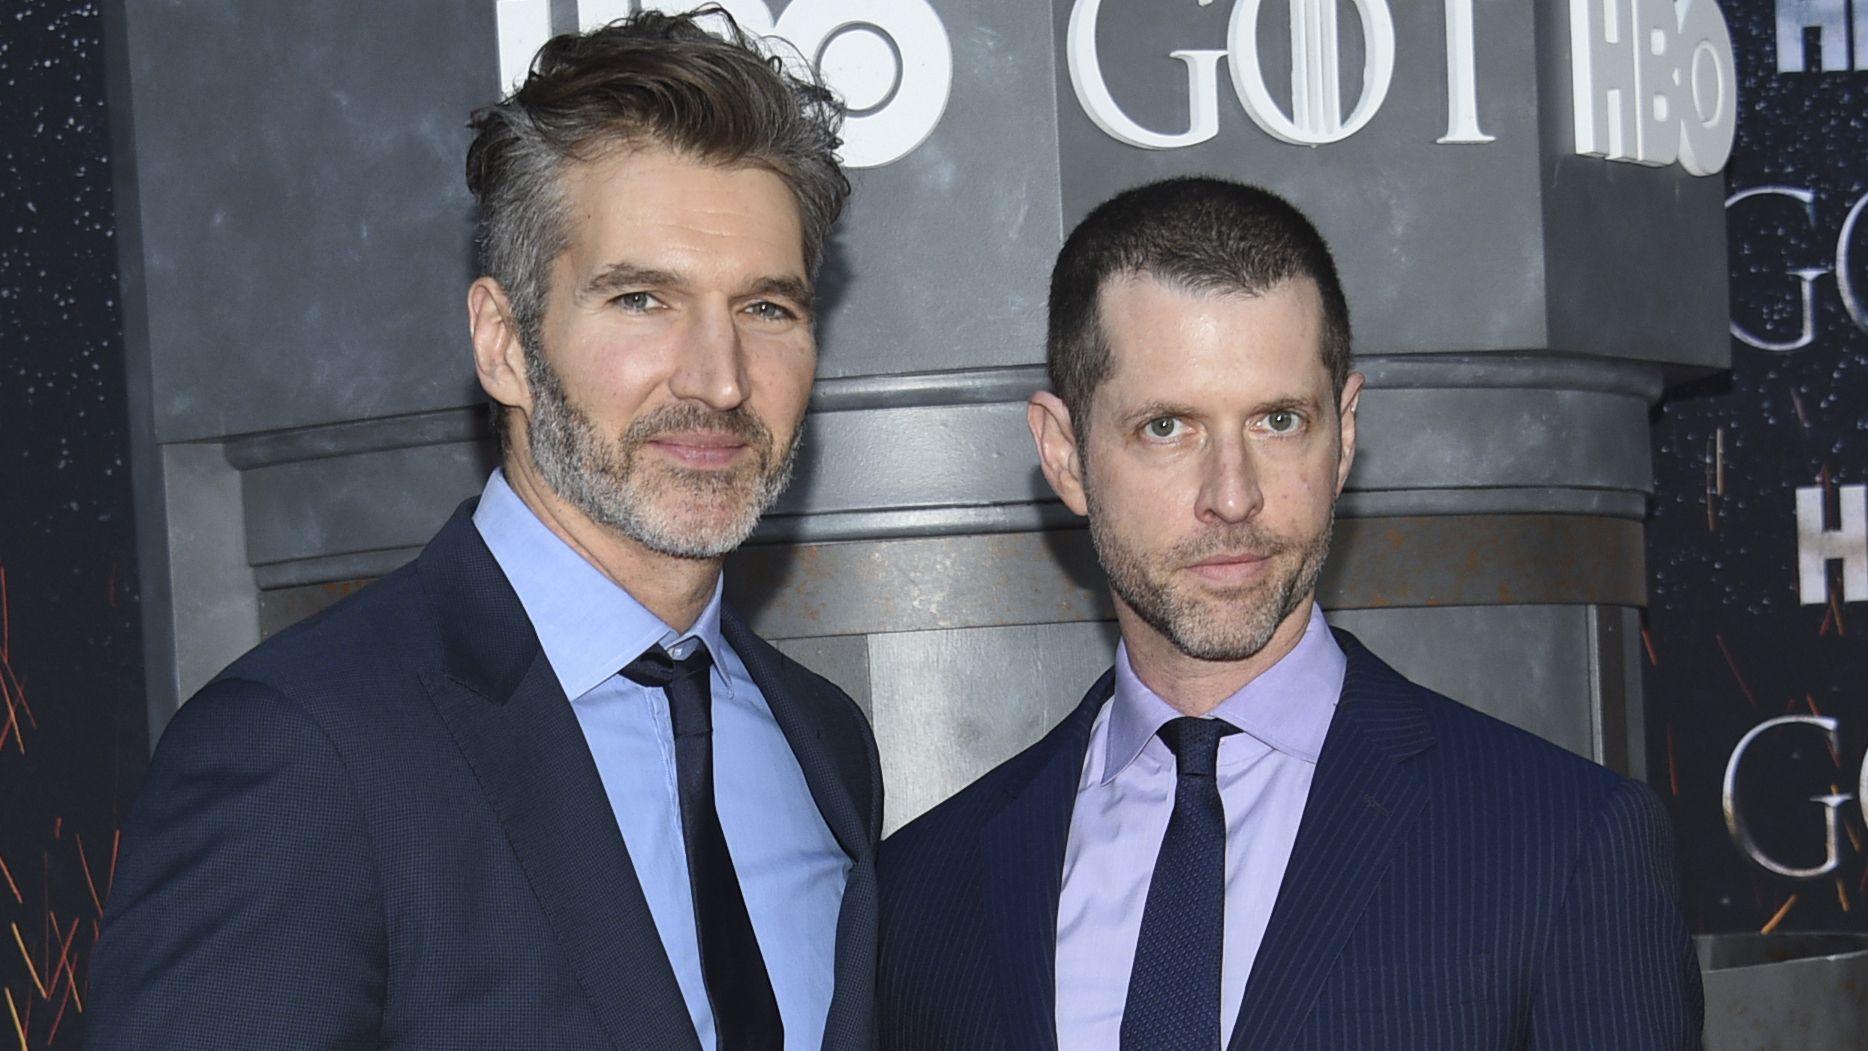 David Benioff und D.B. Weiss stehen nebeneinander, beide tragen Anzug und Krawatte.